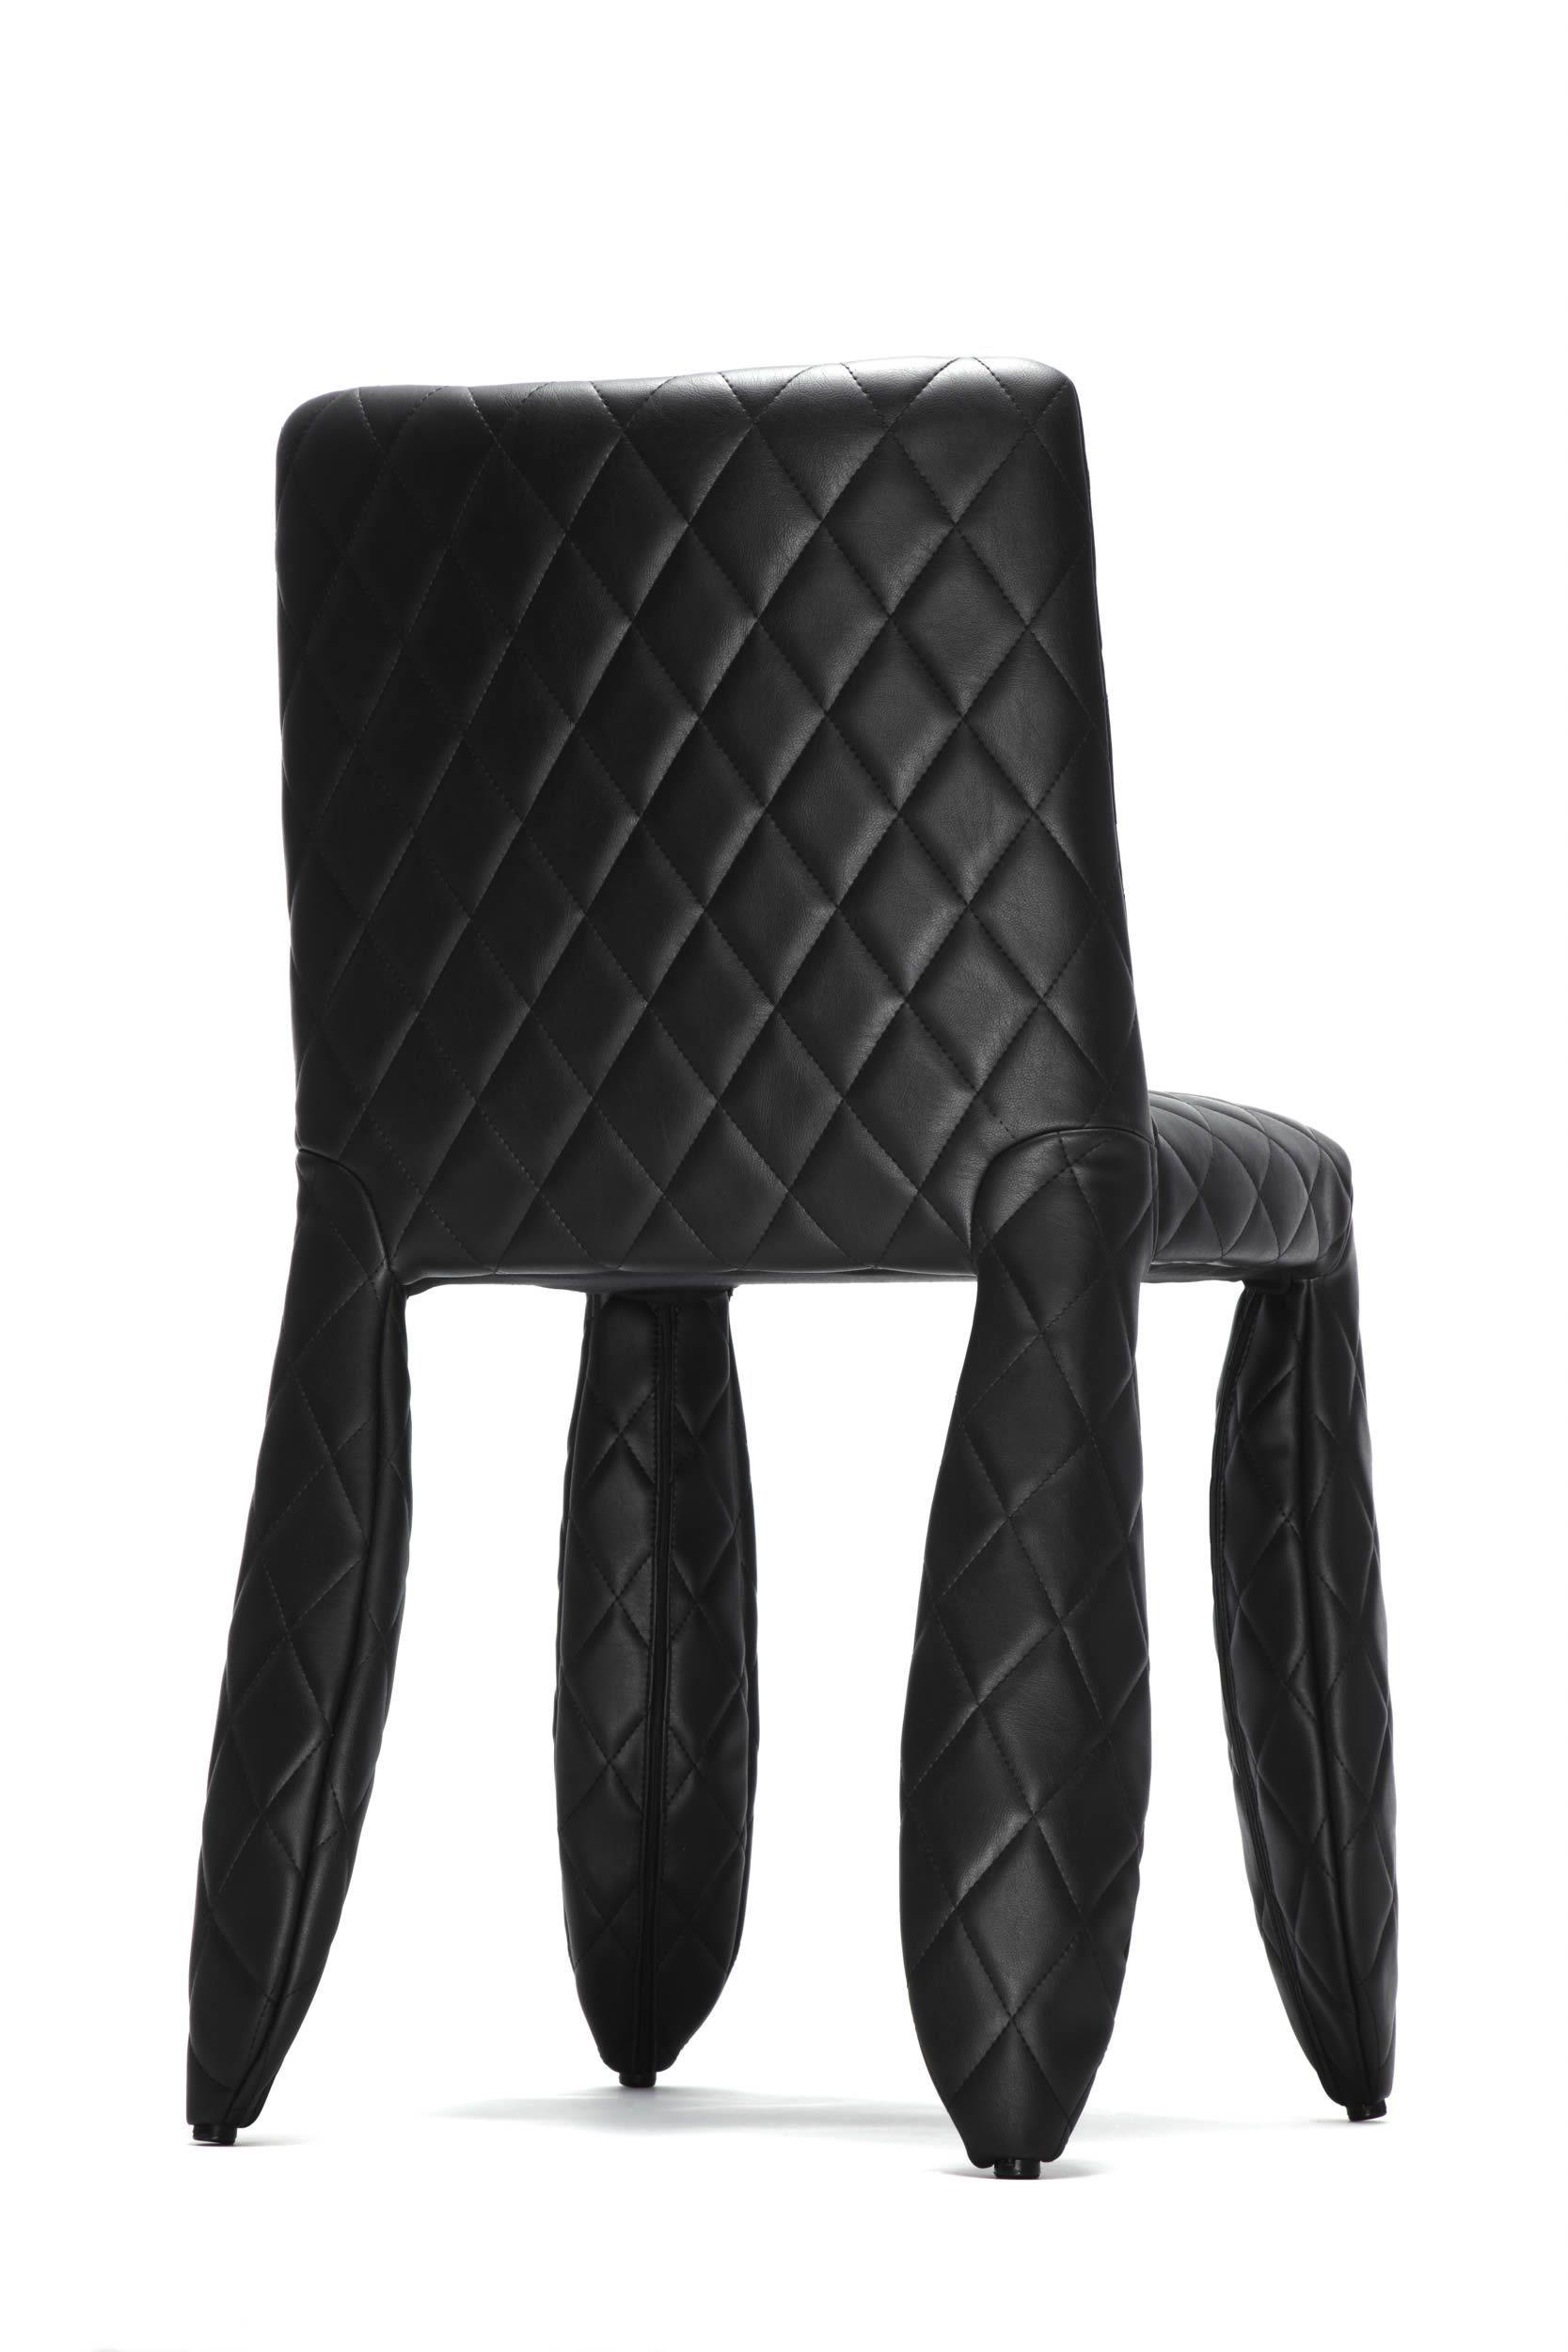 Erkunde Halloween Design , Möbel Stühle Und Noch Mehr! Monster Chair Marcel  Wanders ...